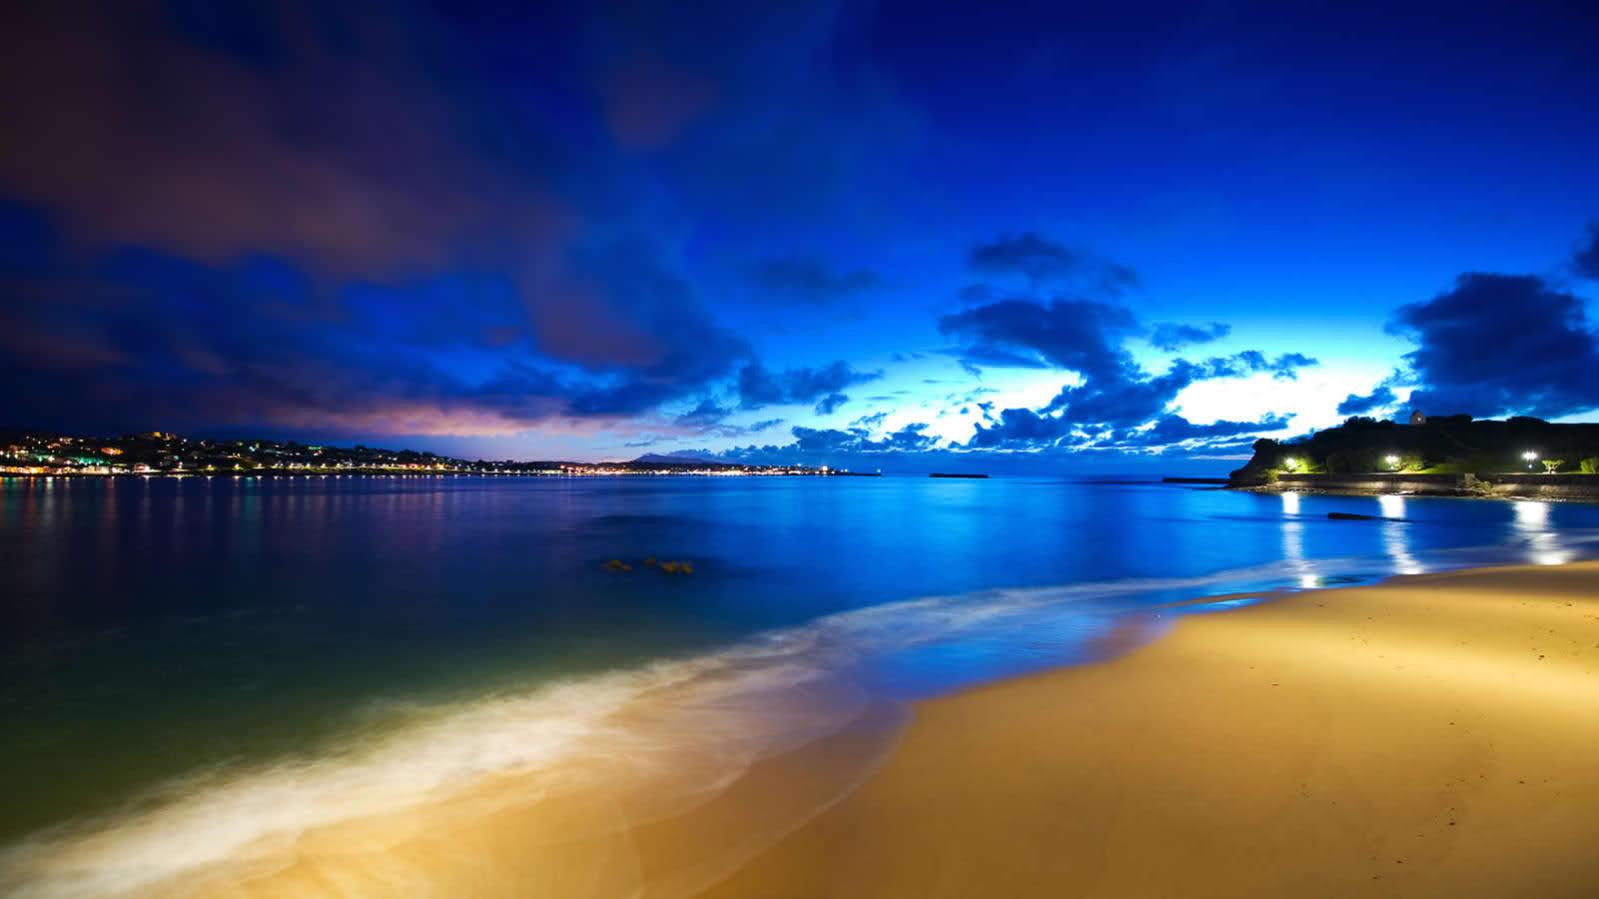 Beach Sunset   Cool Twitter Backgrounds 1599x899